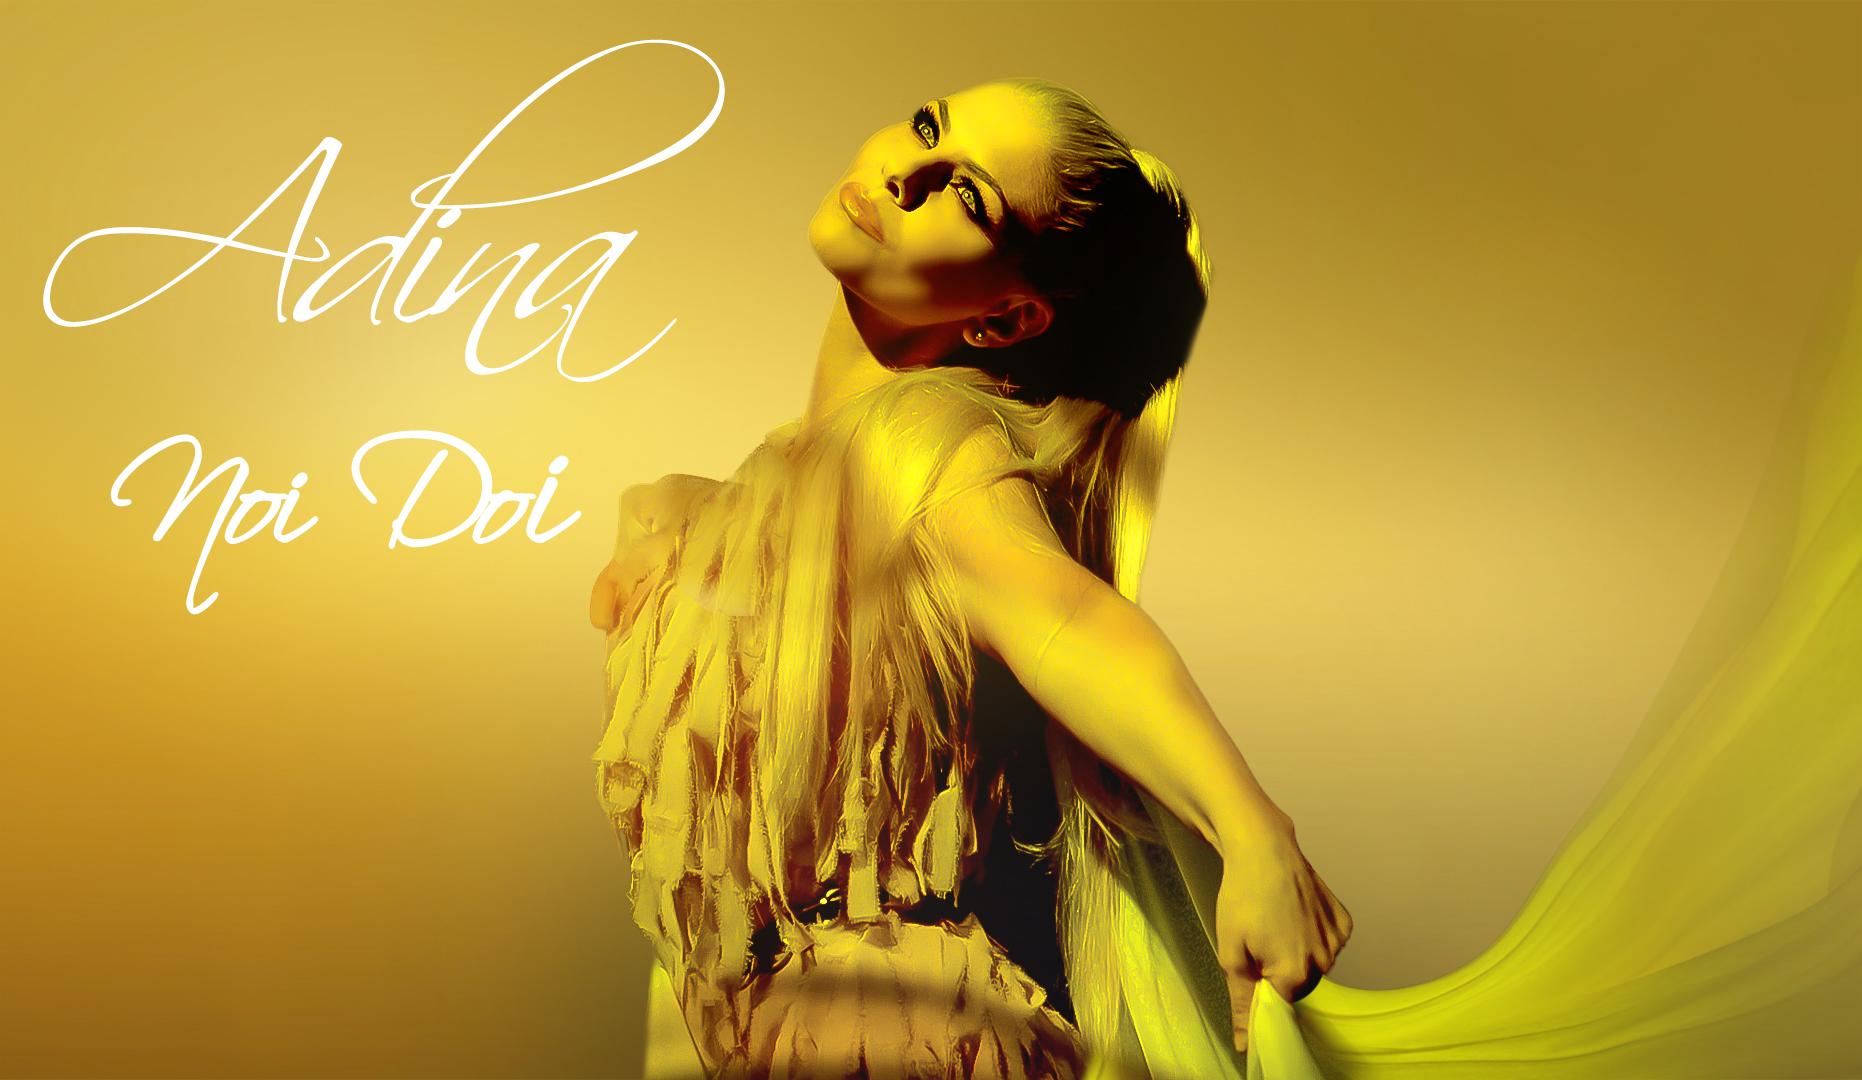 """Adina lanseaza single-ul """"Noi doi"""", impreuna cu un videoclip senzual alaturi de iubitul ei"""